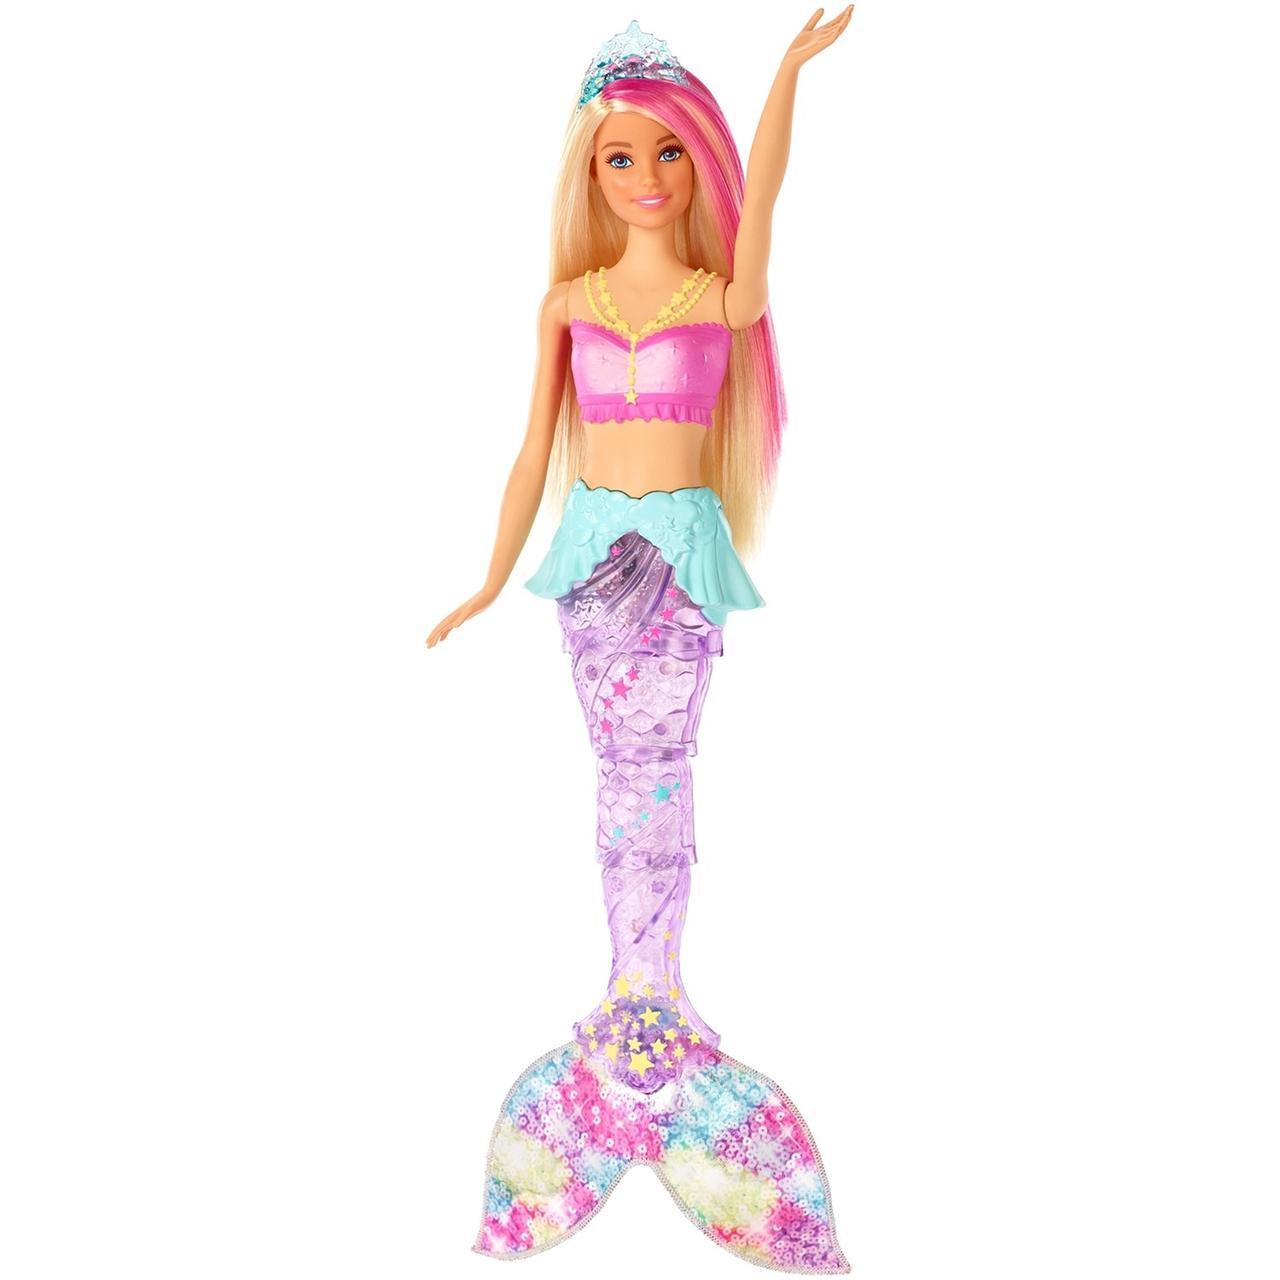 Кукла Barbie Dreamtopia Мерцающая русалочка. - фото 2